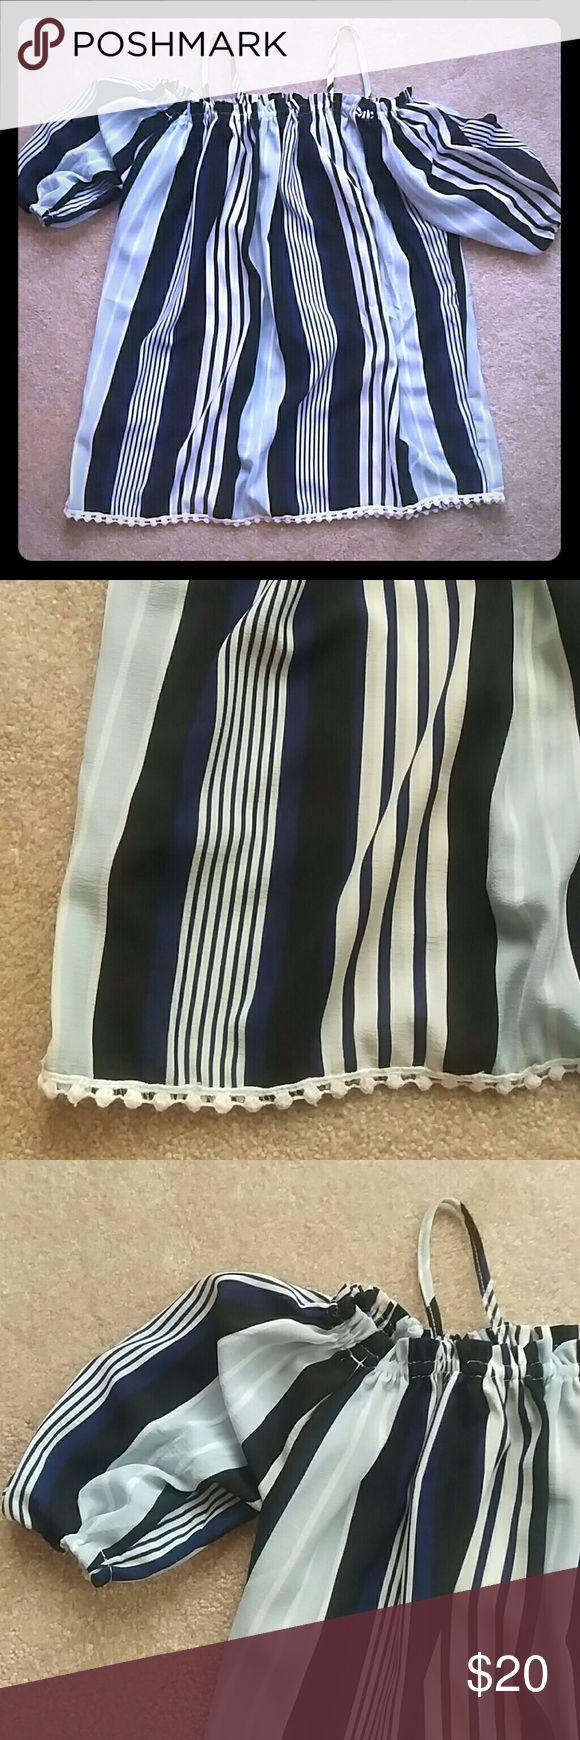 ASOS Cold Shoulder Top Black, light blue, dark blue, and cream striped cold shoulder ASOS top, never worn ASOS Tops Blouses